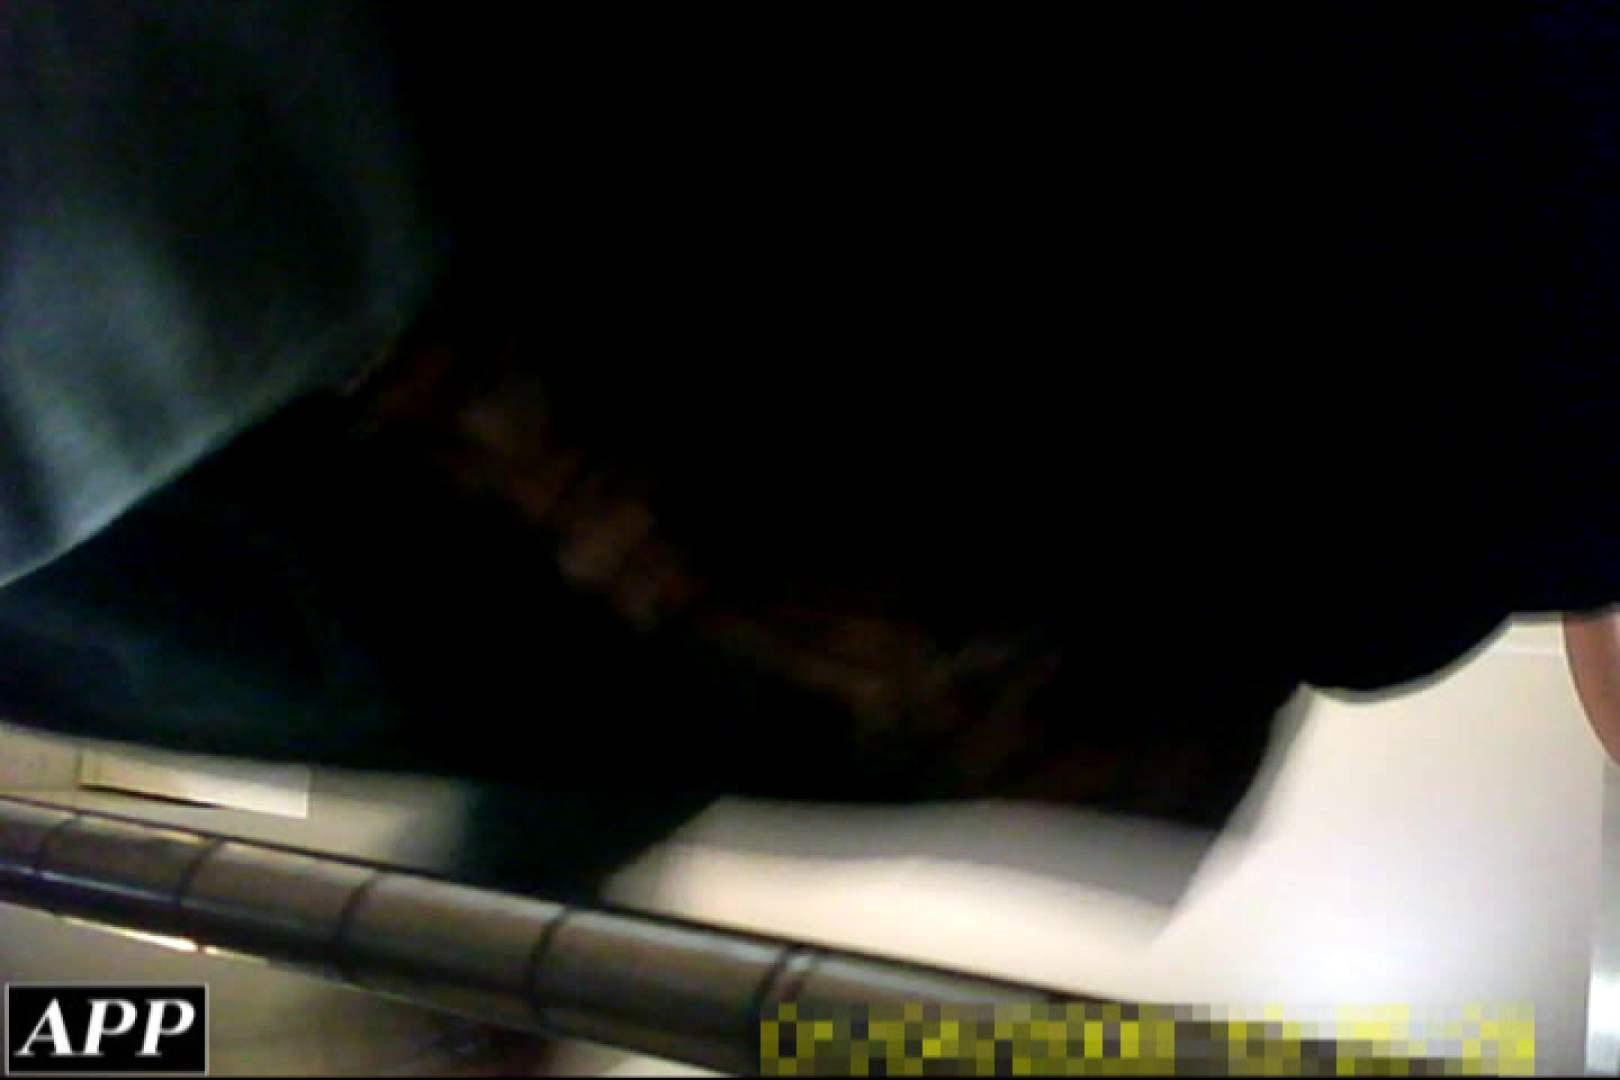 3視点洗面所 vol.38 洗面所 オマンコ動画キャプチャ 104pic 36